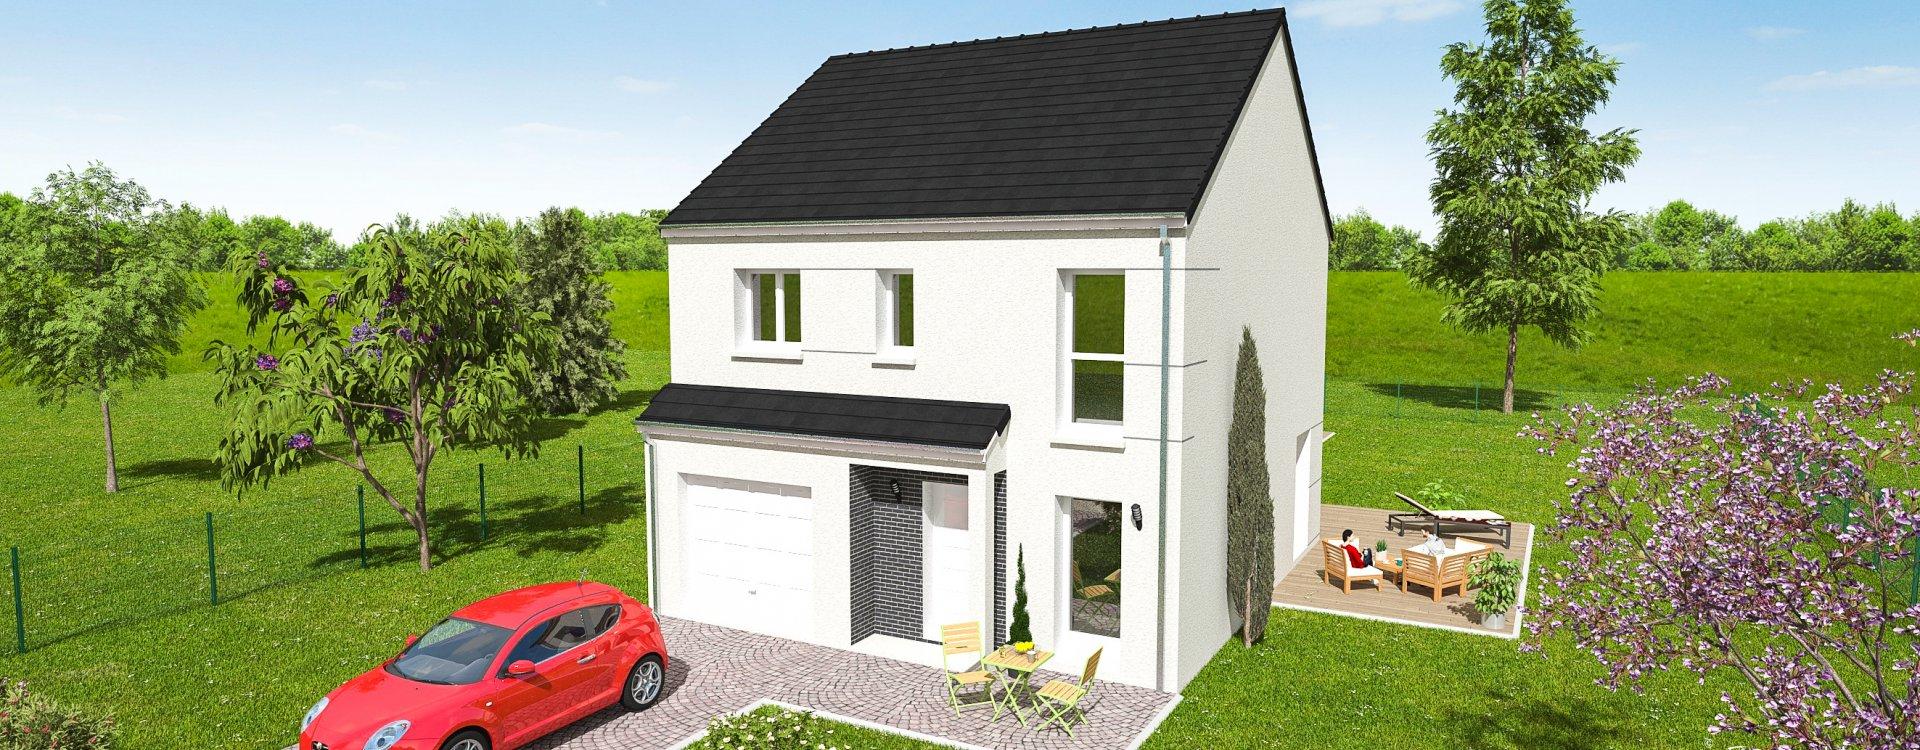 Maisons + Terrains du constructeur EASY HOUSE FRANCE • 98 m² • PATAY